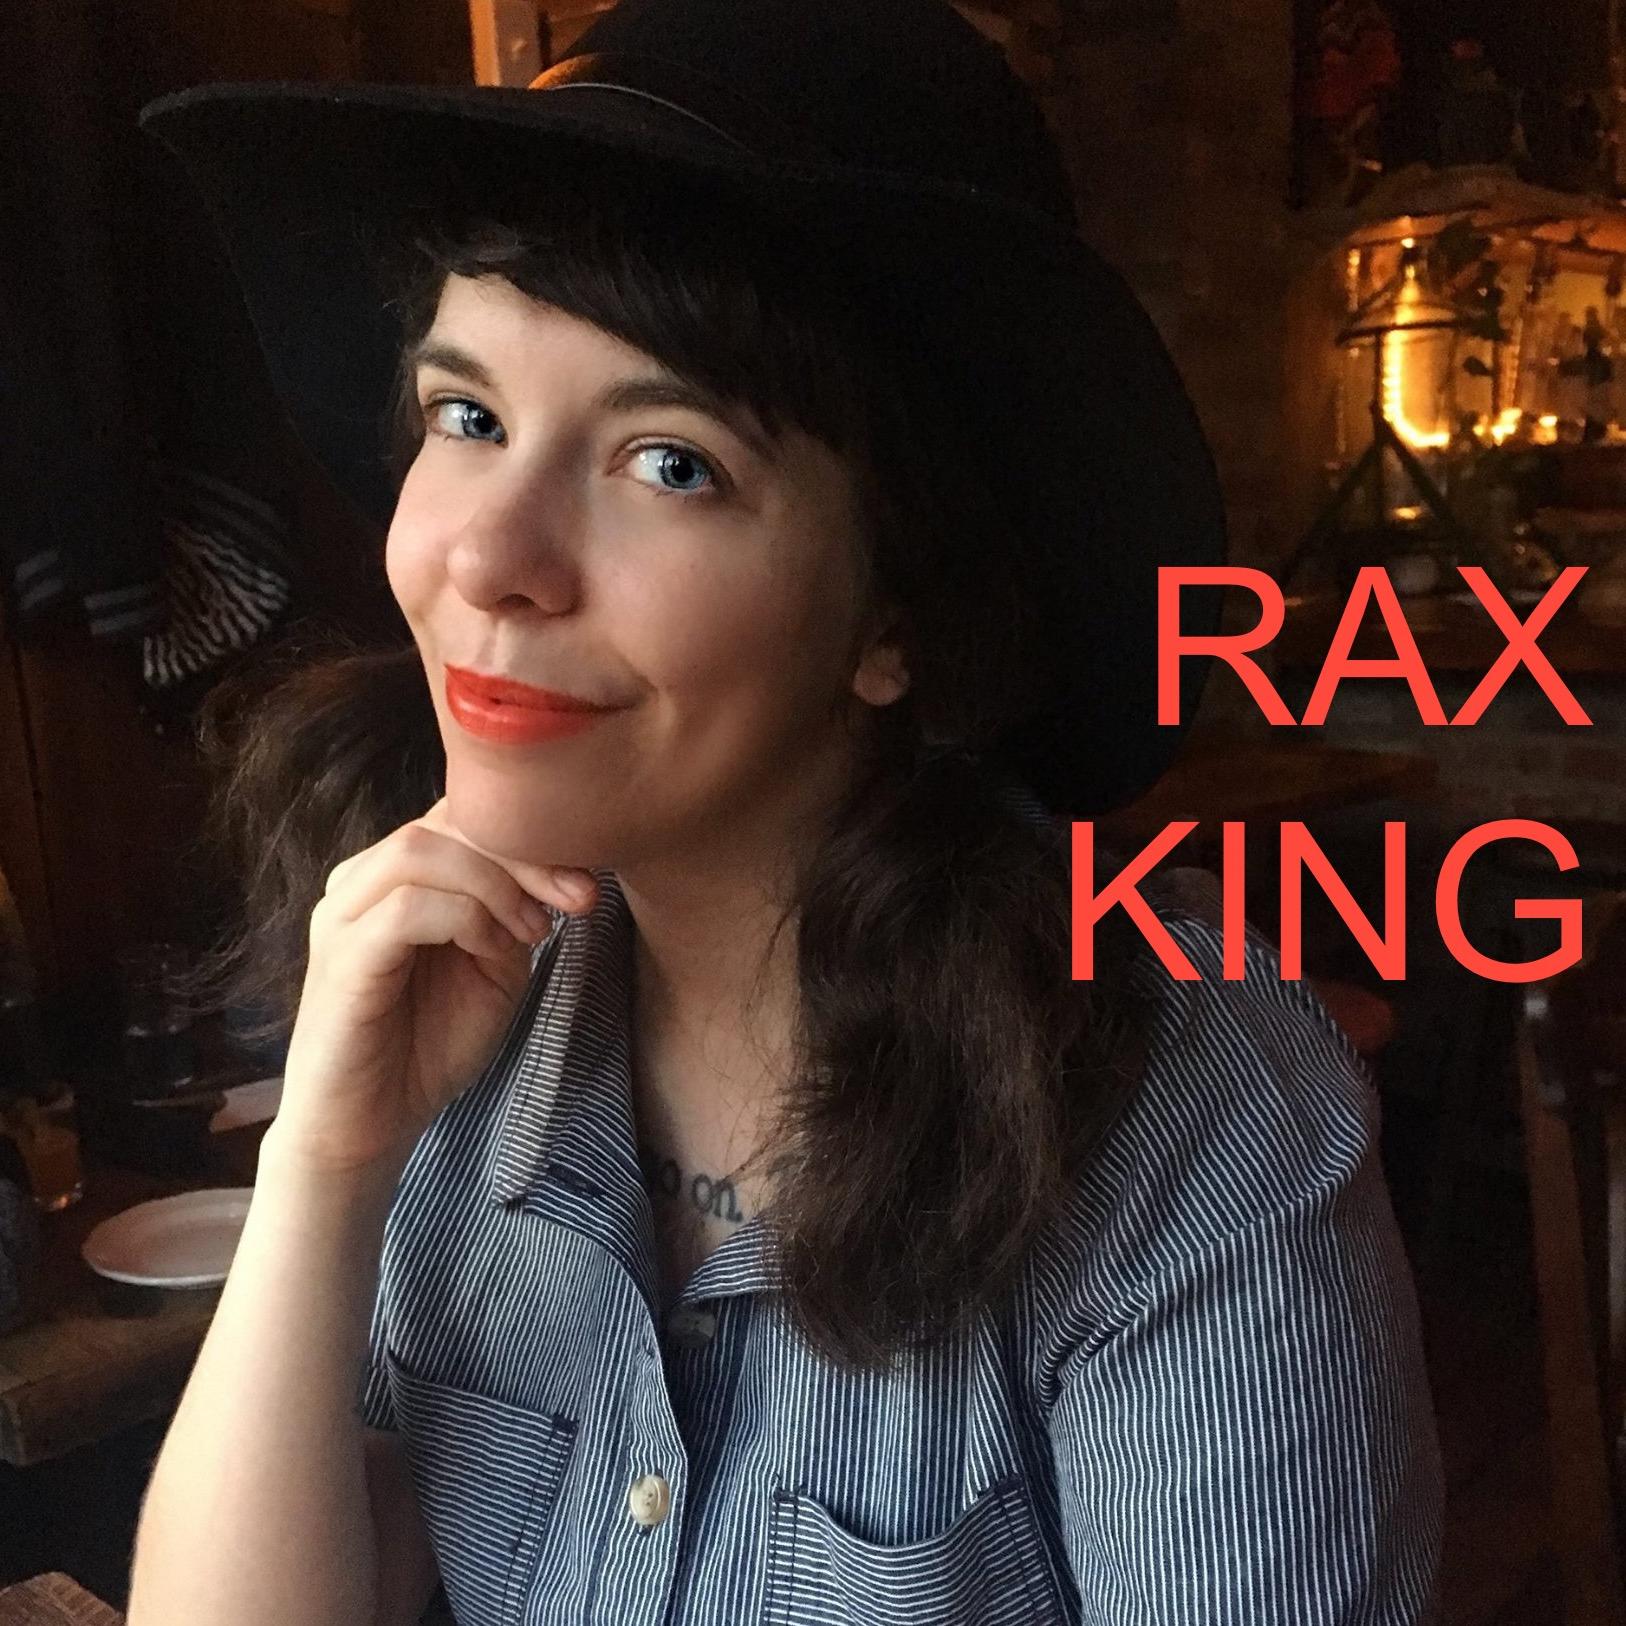 Rax-King.jpeg